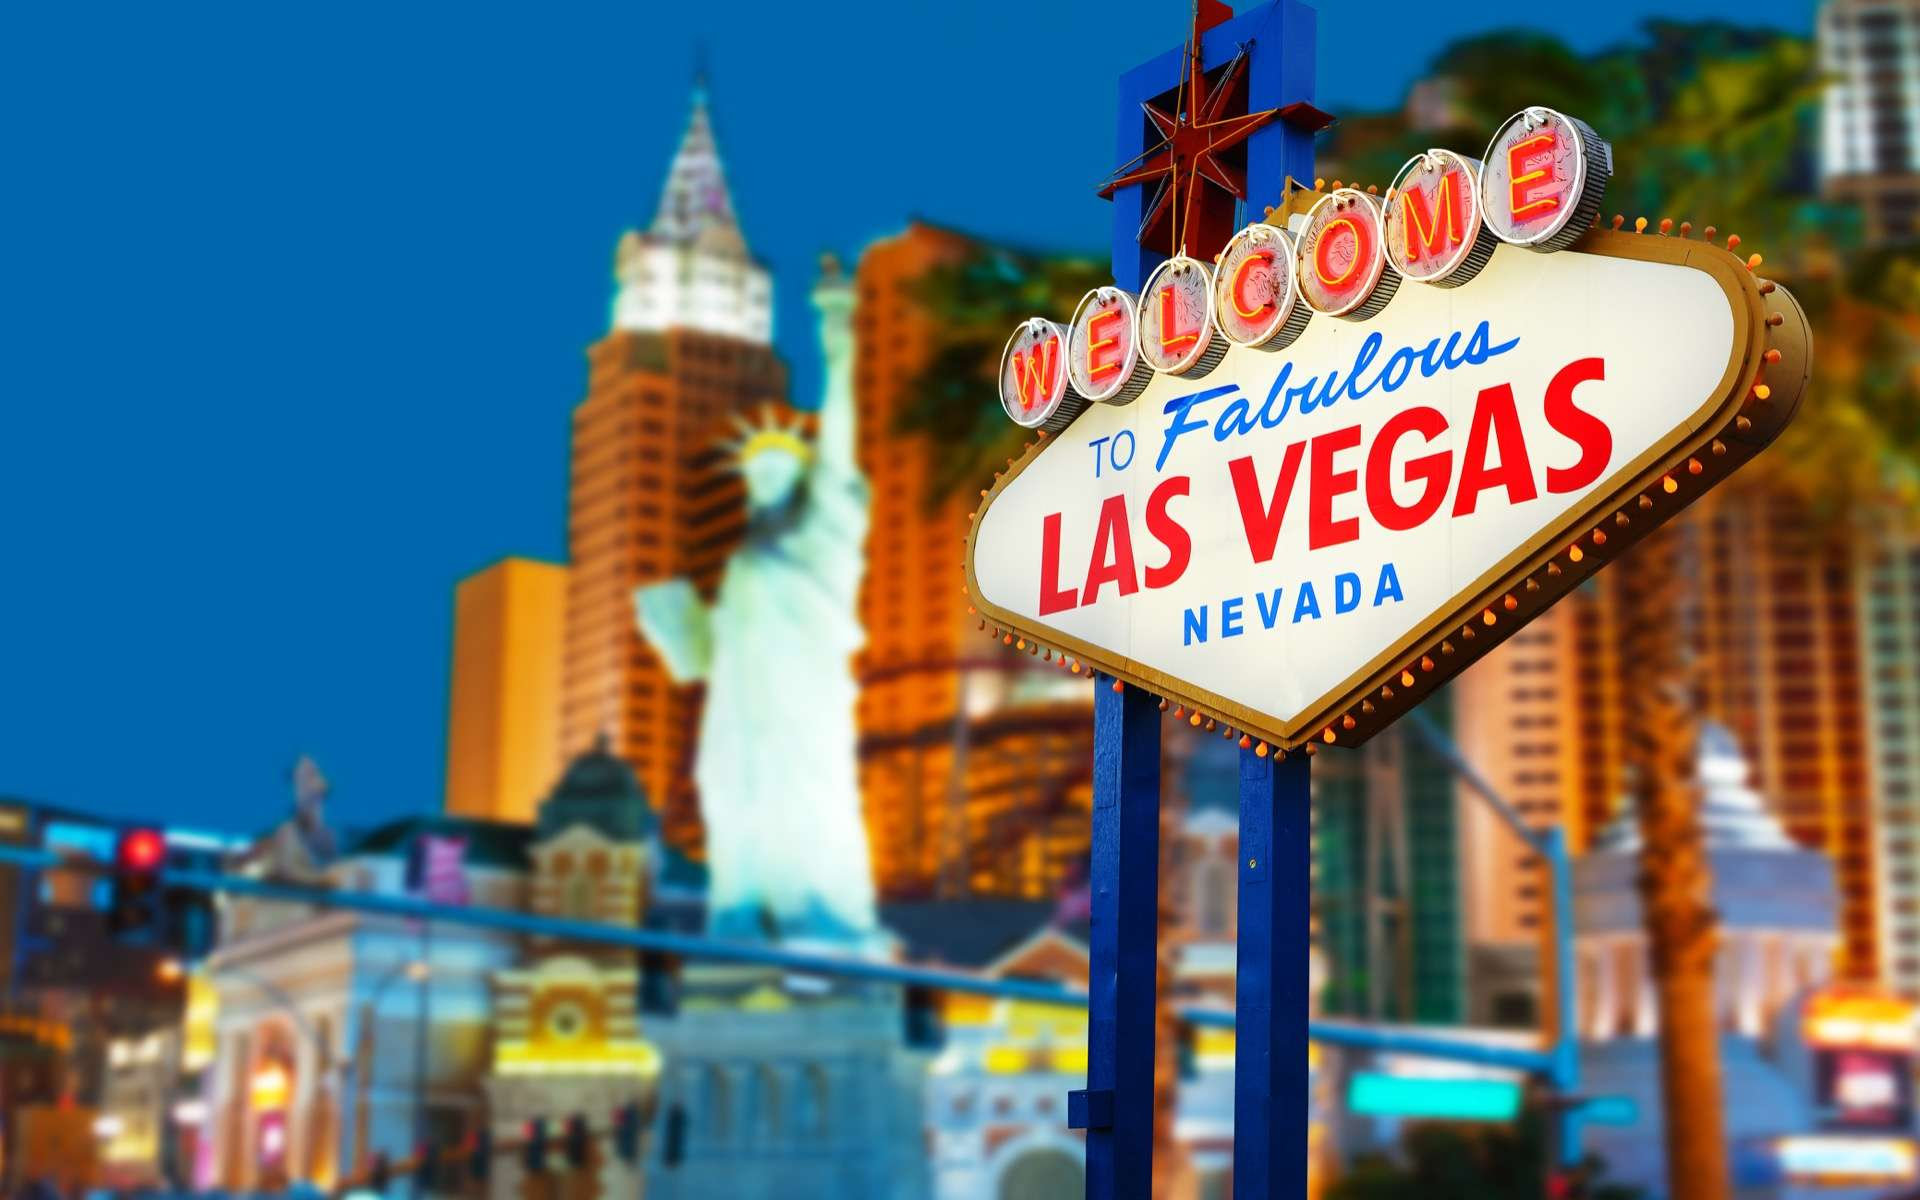 Des caméras thermiques et des robots viennent en aide aux hôteliers de Las Vegas et de Boston. © Somchaij, Adobe Stock